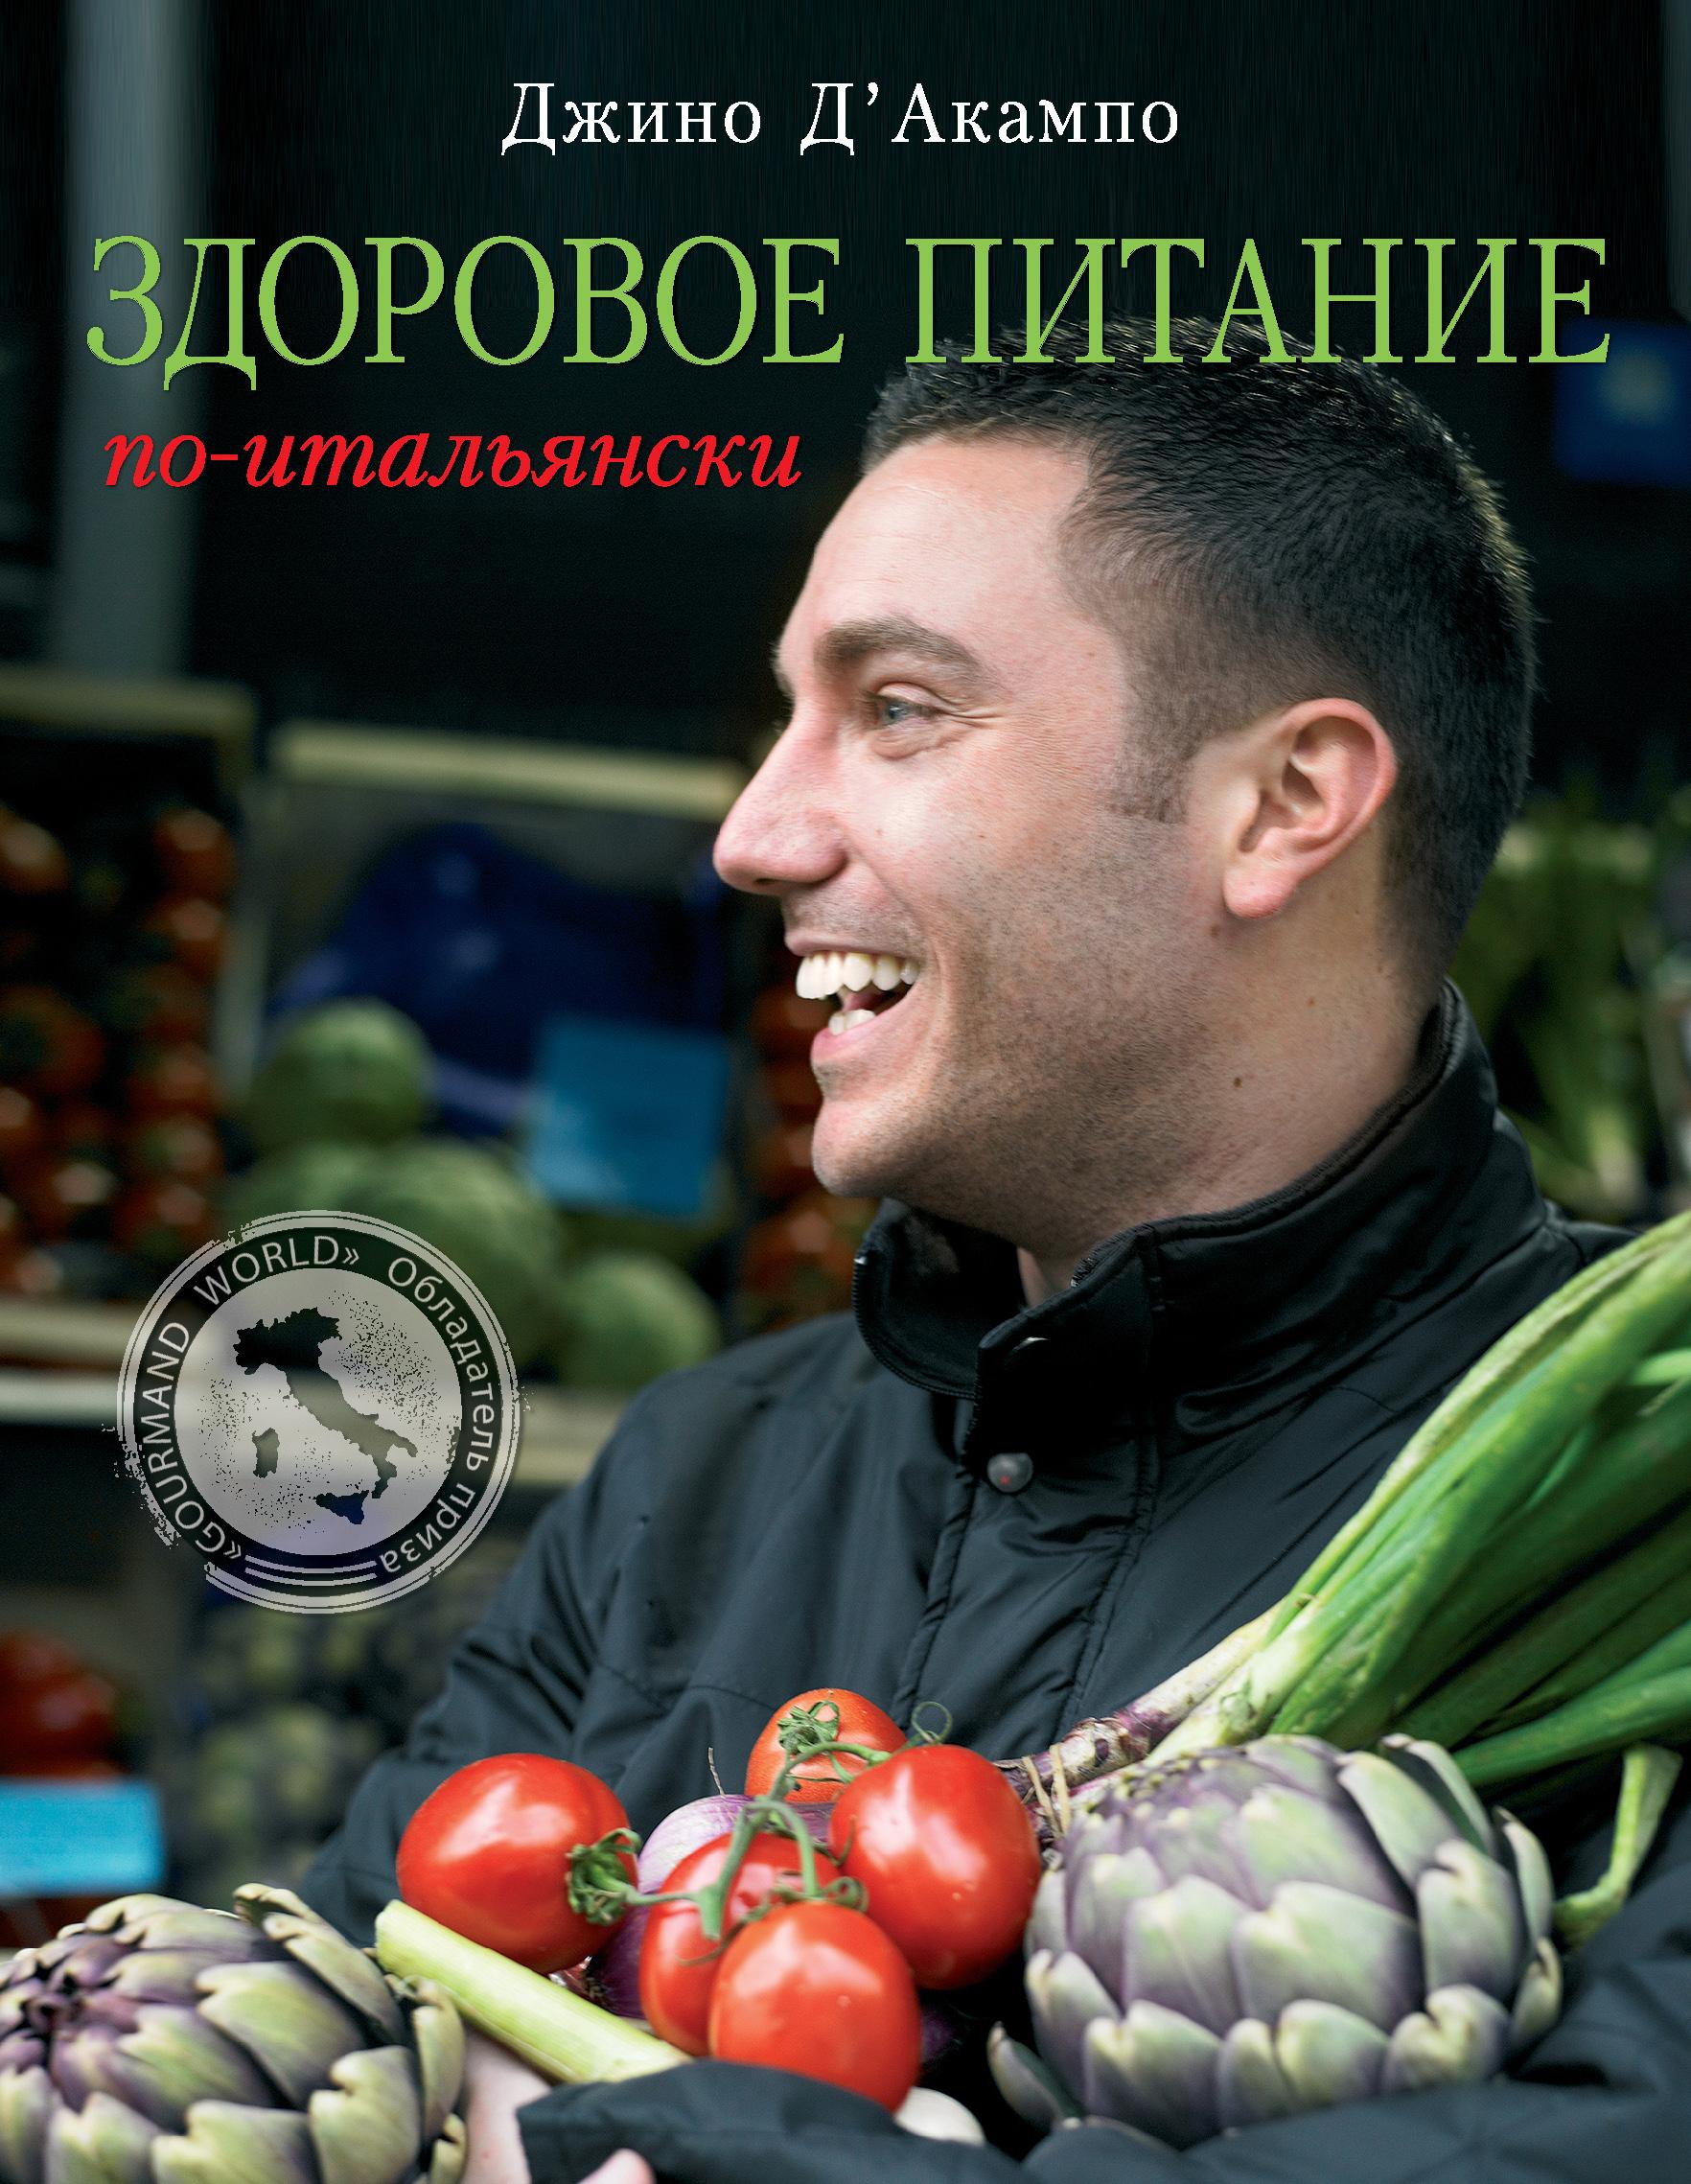 Д'Акампо Д. Здоровое питание по-итальянски (книга в суперобложке) (серия Кулинария. Зарубежный бестселлер)